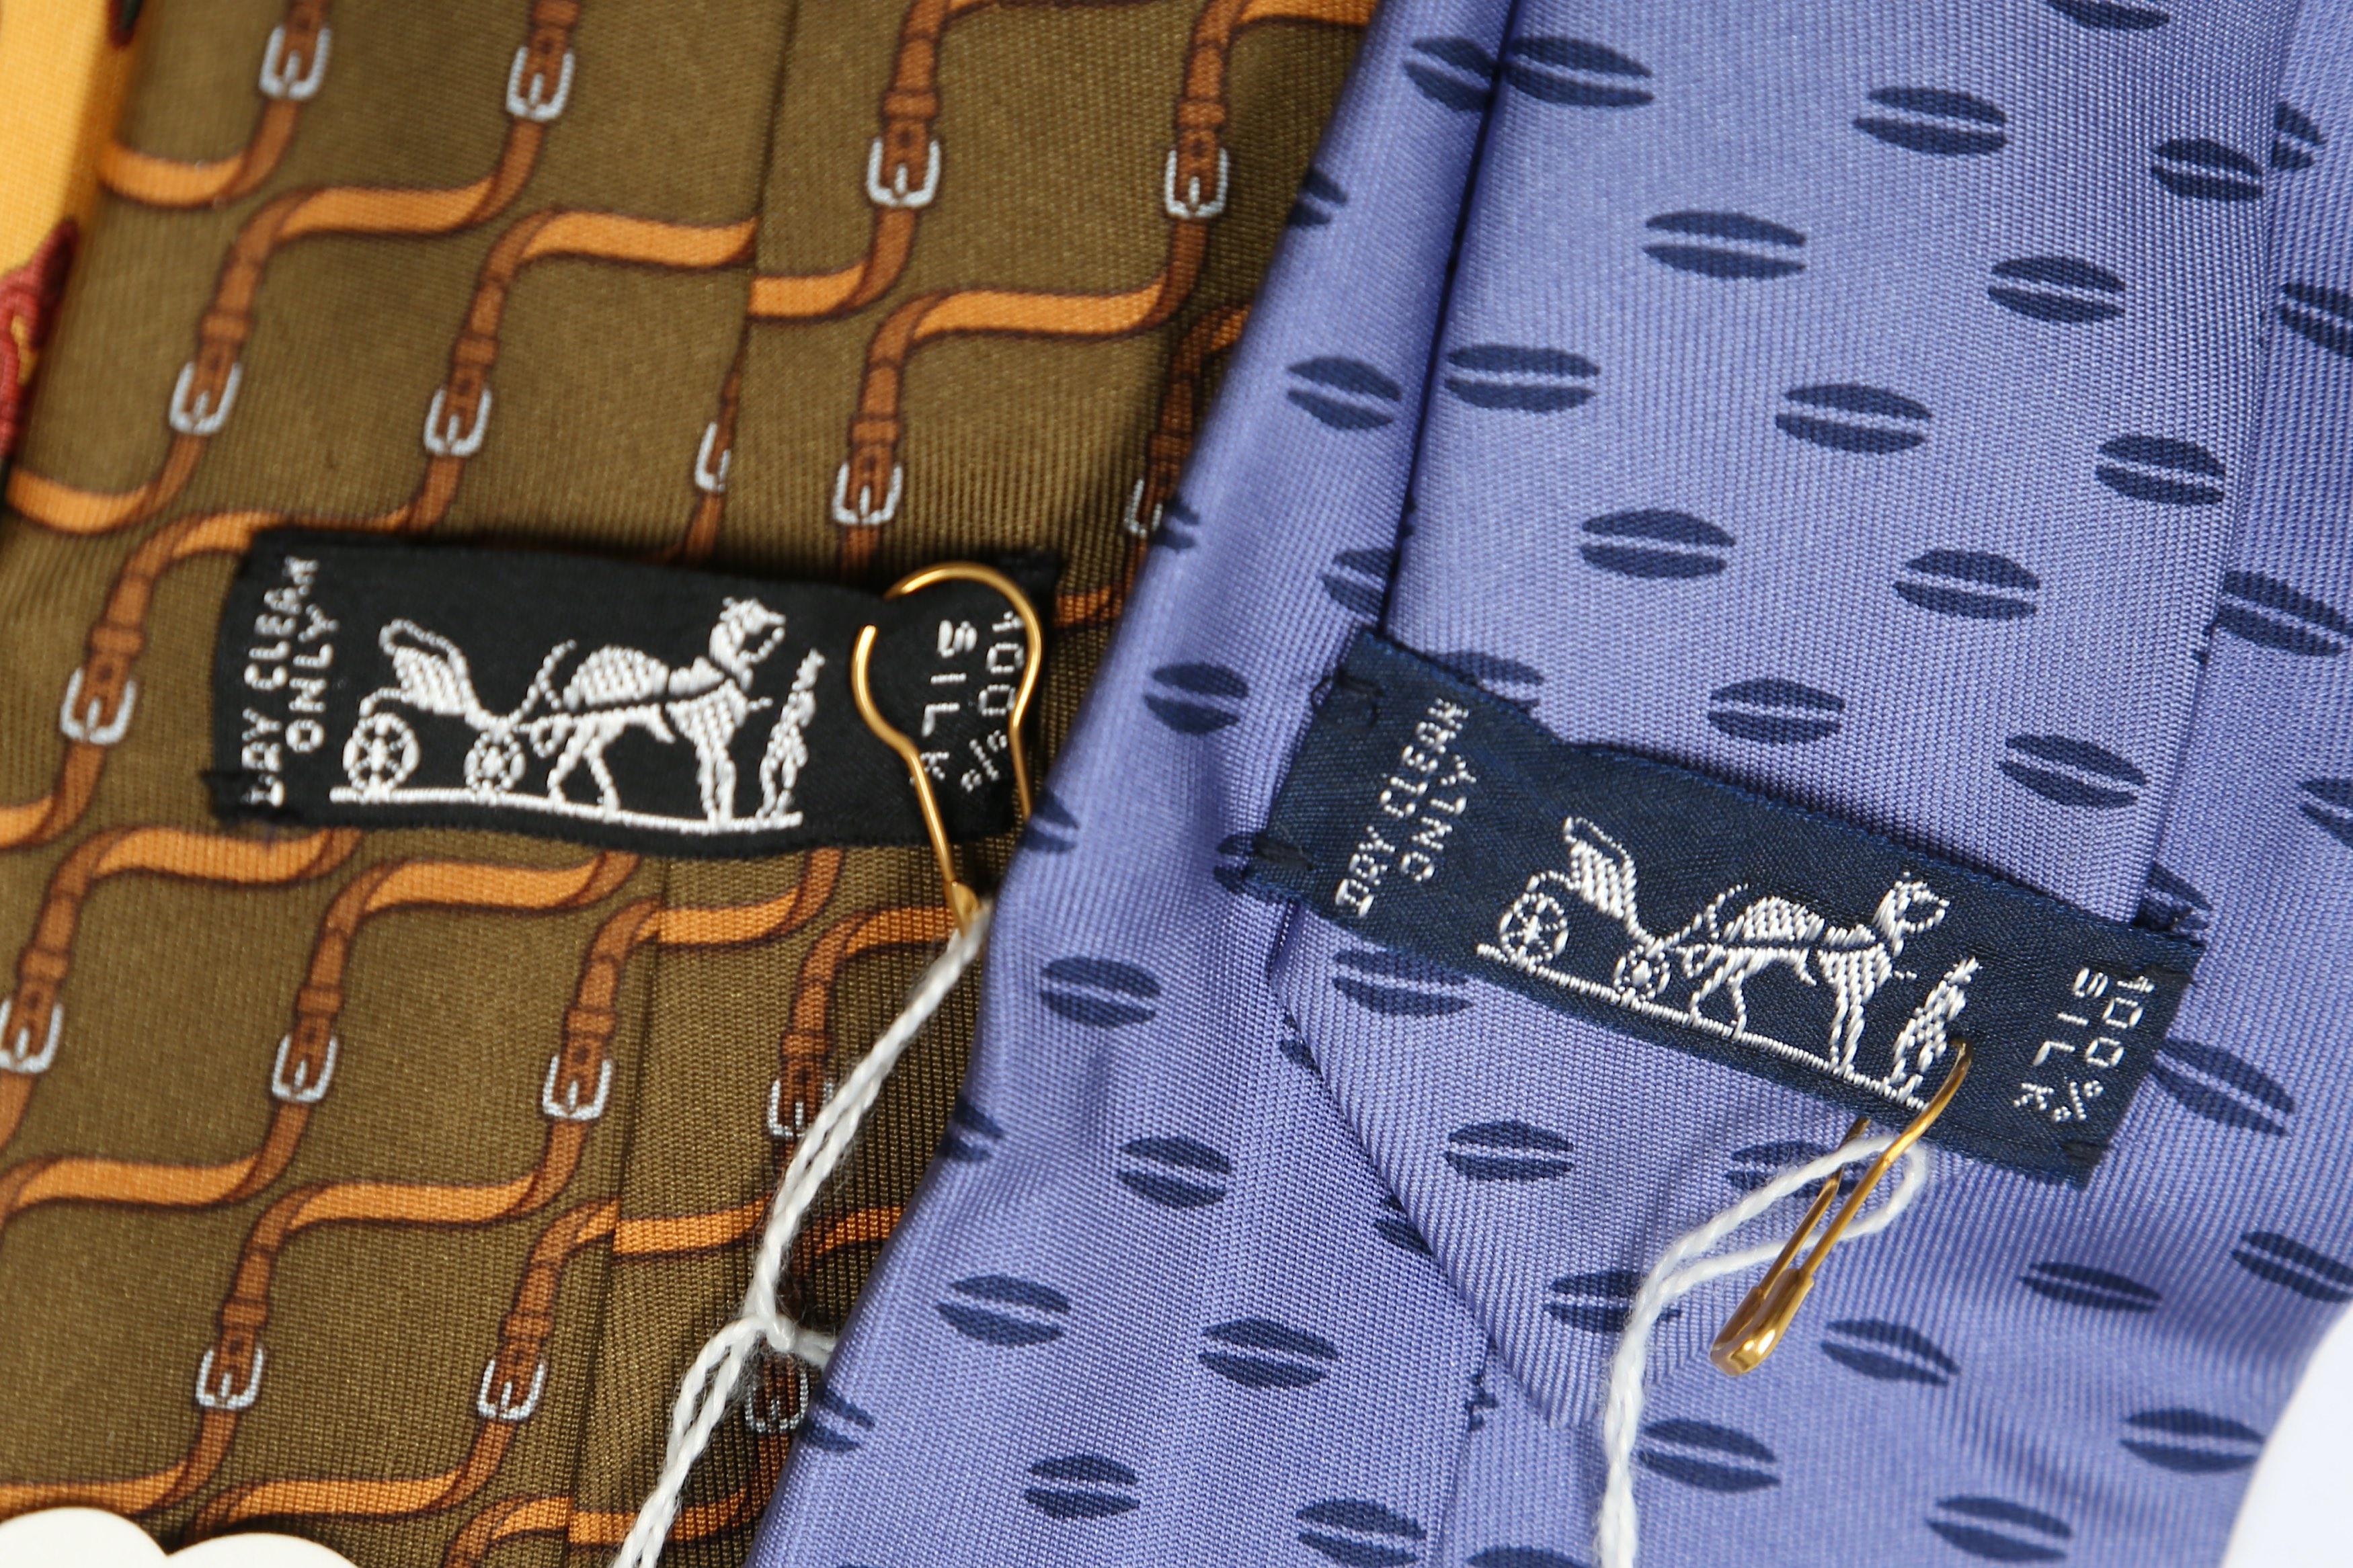 Hermes Silk Ties - Image 3 of 3